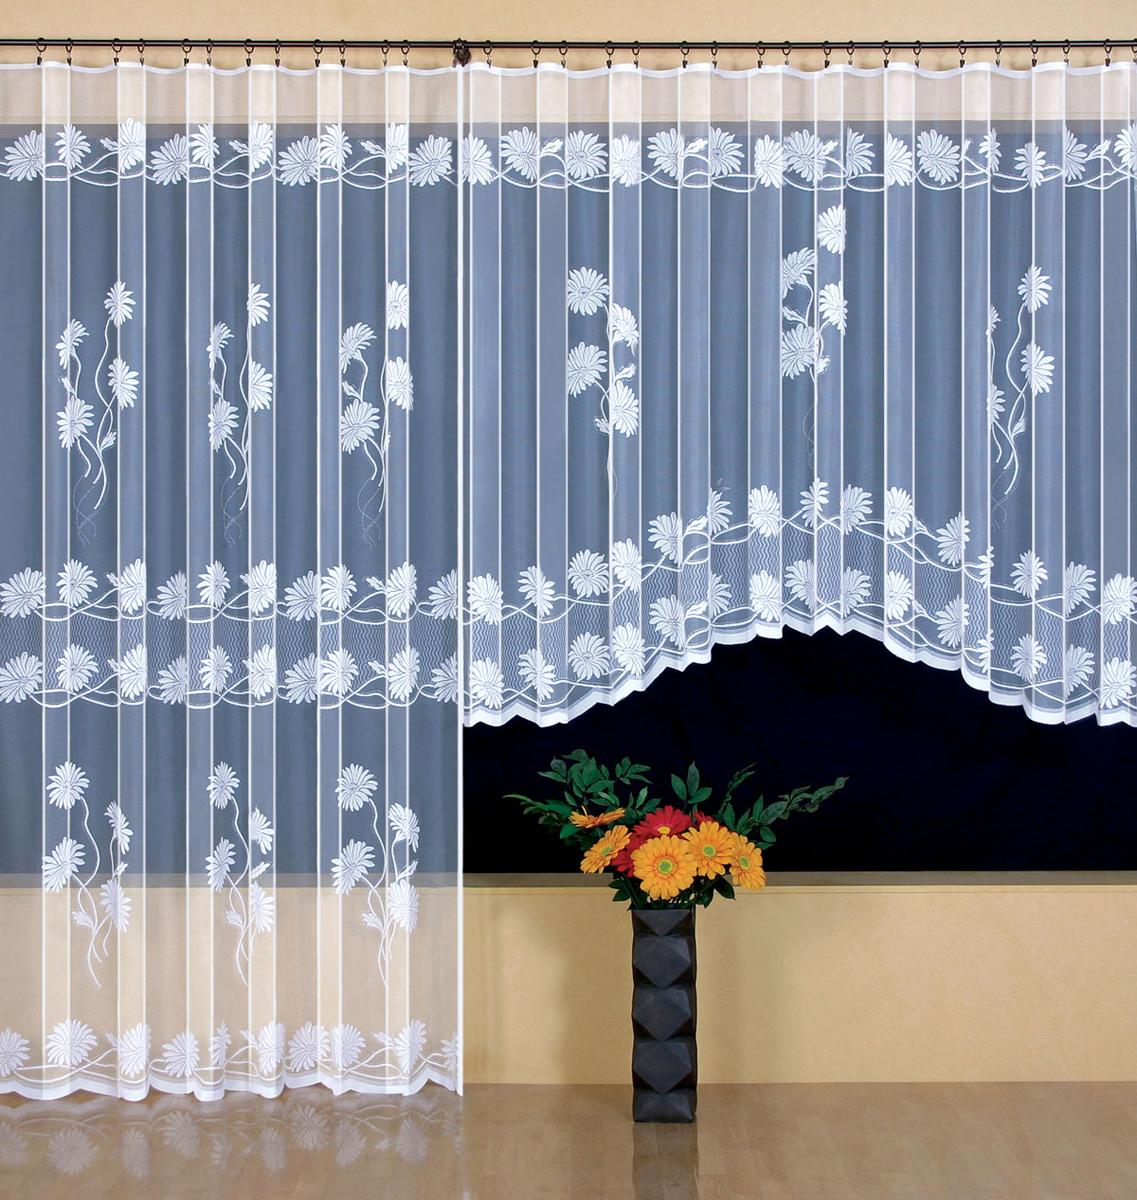 Гардина Wisan, на ленте, цвет: белый, высота 250 см. 9410K100Жаккардовая гардина Wisan, выполненная из легкого полупрозрачного полиэстера, станет великолепным украшением окна в спальне или гостиной. Отлично подходит по размеру под балконный блок на прилегающее окно. Изделие дополнено красивым цветочным узором по всей поверхности полотна. Качественный материал, тонкое плетение и оригинальный дизайн привлекут к себе внимание и позволят гардине органично вписаться в интерьер помещения. Гардина оснащена шторной лентой под зажимы для крепления на карниз. Уважаемые клиенты!Обращаем ваше внимание, что в комплект входит одна гардина. Фото с двумя гардинами, данное в интерьере, служит для визуального восприятия товара.